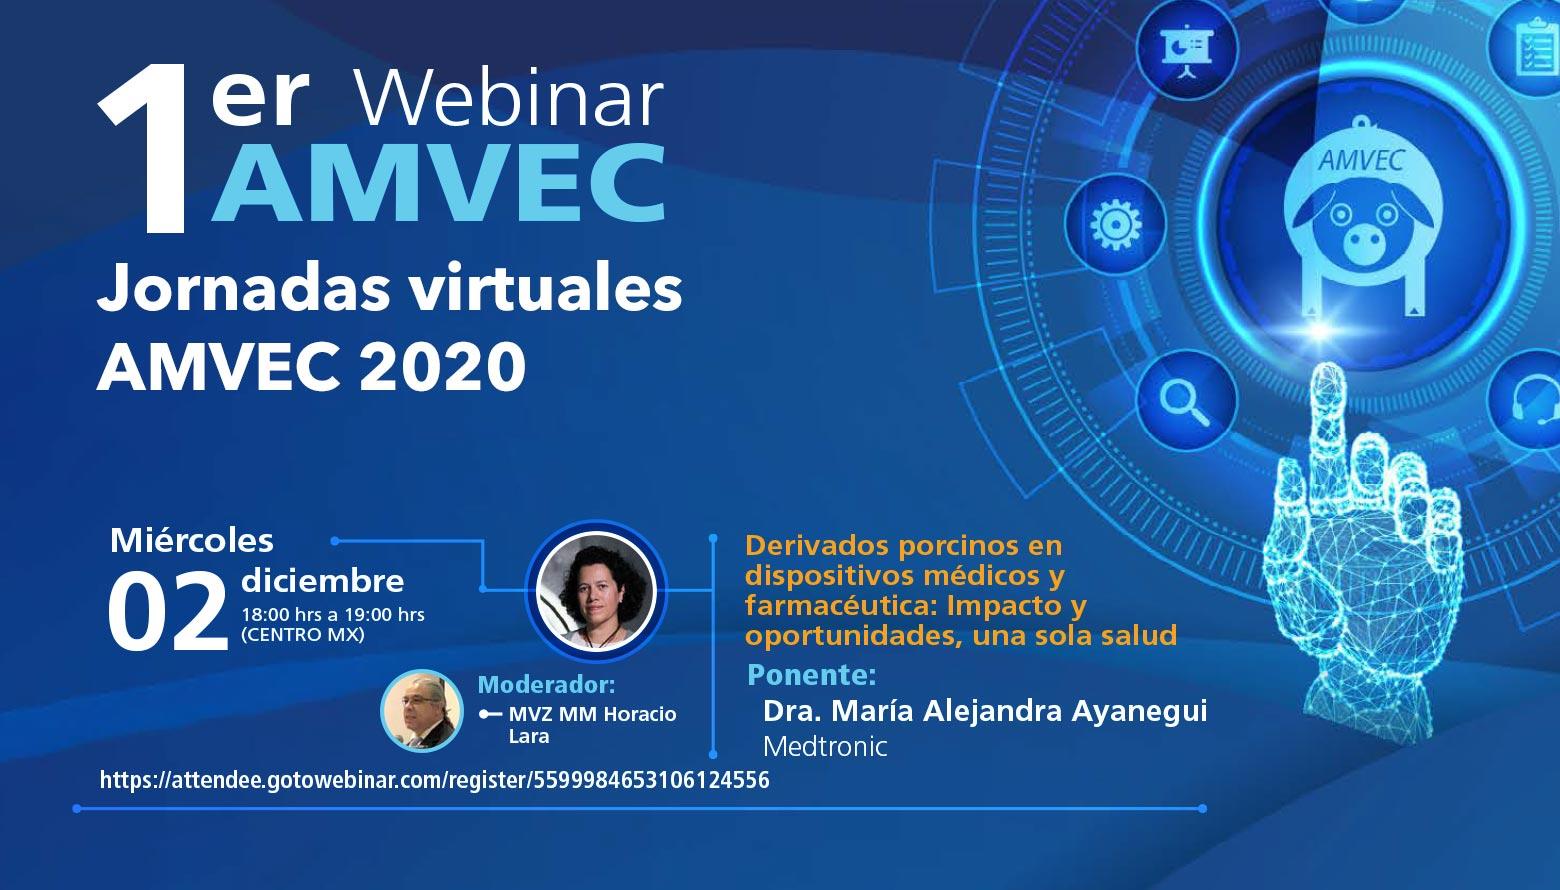 1er Webinar AMVEC 2020: Simposium Peste Porcina Africana y Jornadas Virtuales